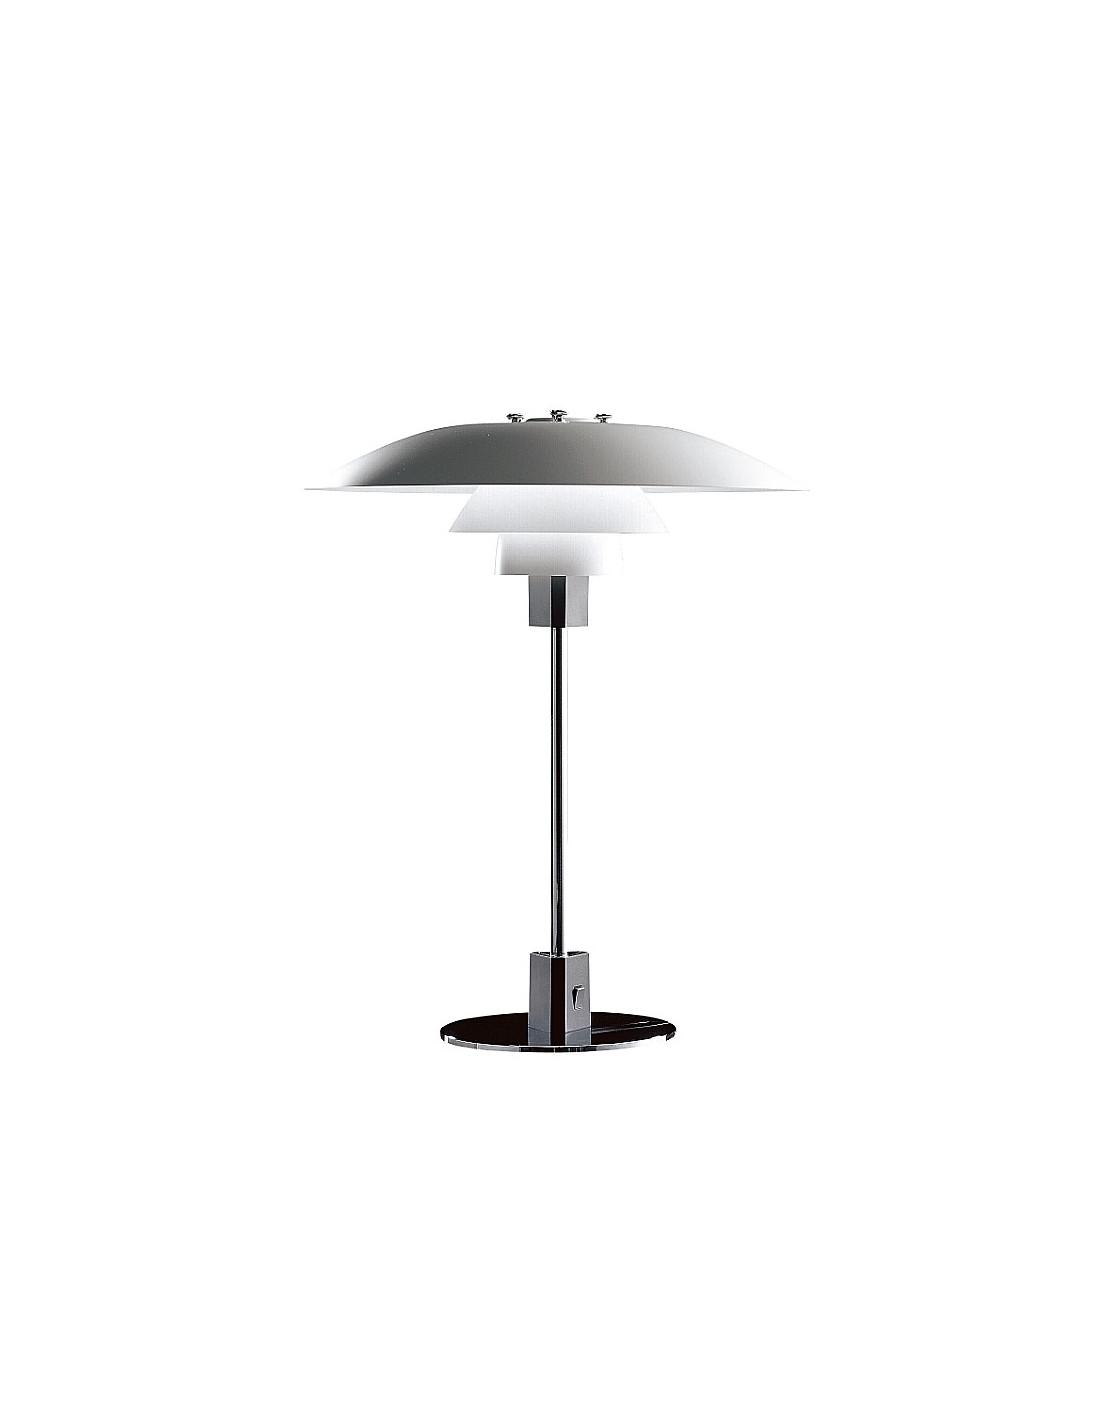 lampe de table ph 4 3 design poul henningsen pour louis poulsen la boutique danoise. Black Bedroom Furniture Sets. Home Design Ideas